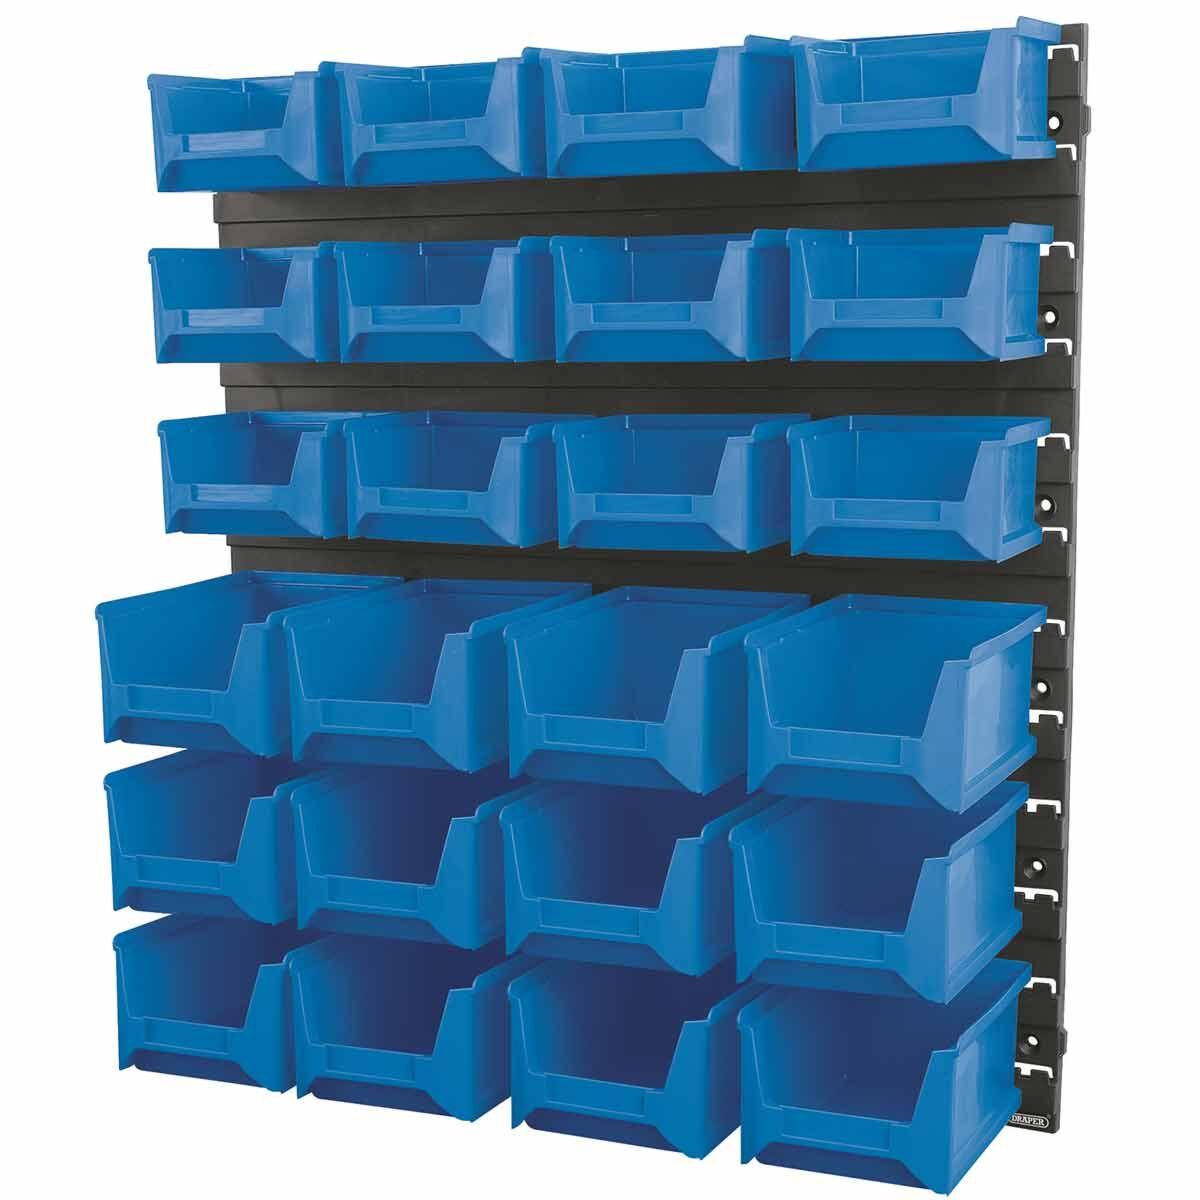 Draper 24 Small and Medium Bin Wall Storage Unit